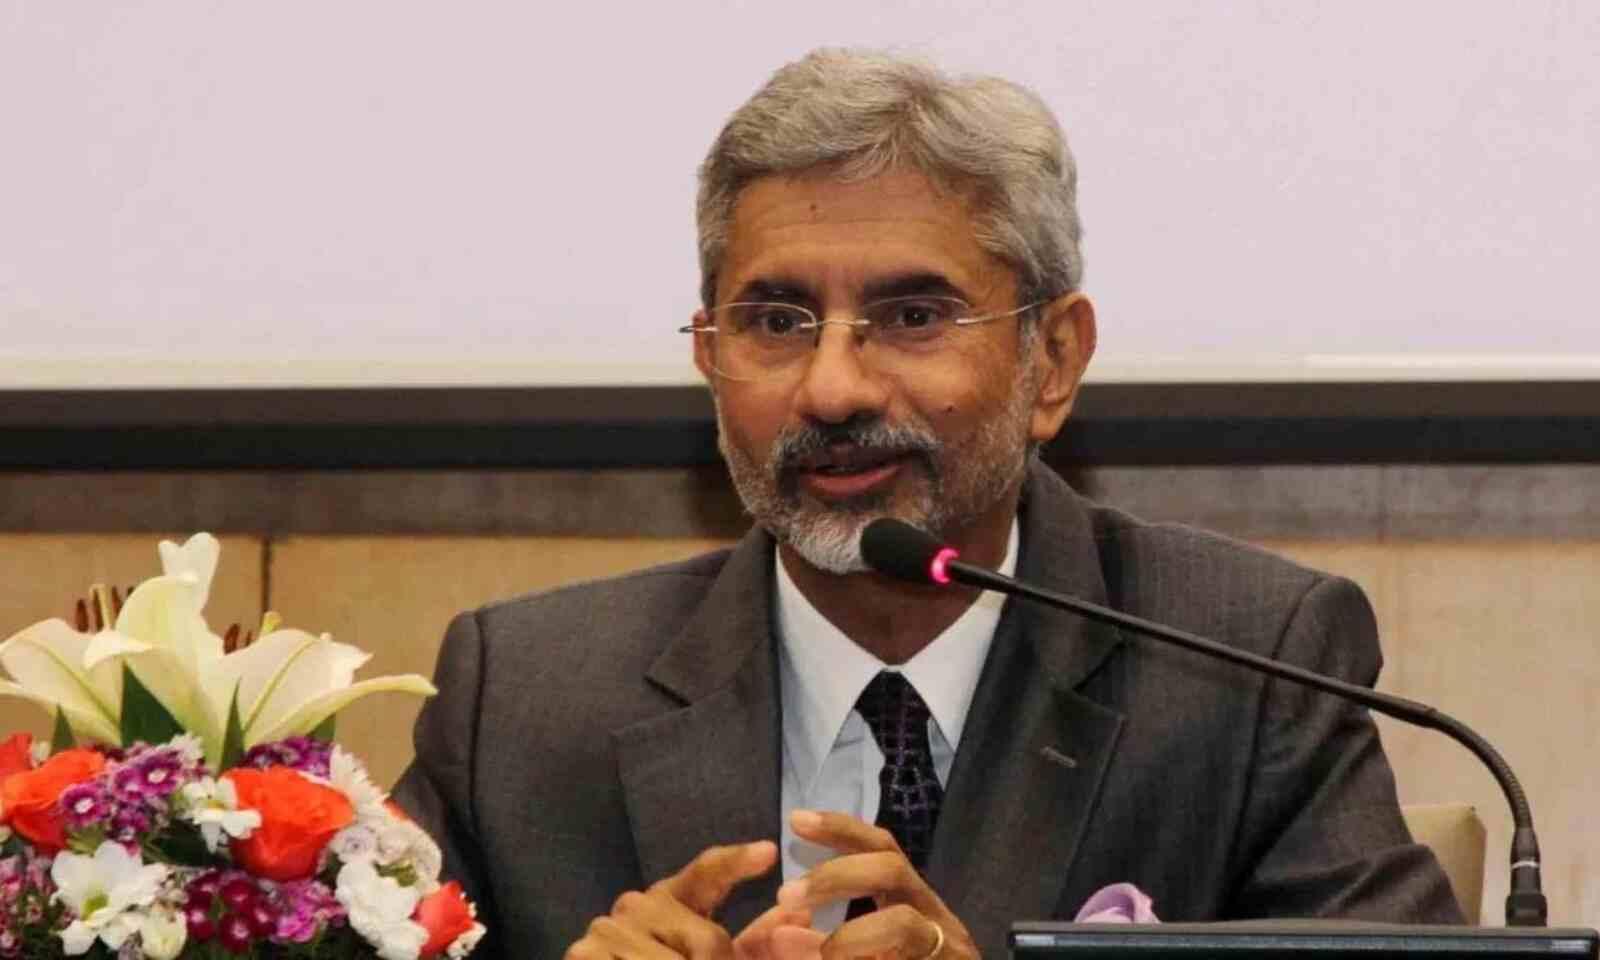 PoK चुनाव पर विदेश मंत्रालय की तल्ख टिप्पणी- चुनाव गैरकानूनी, इलाका खाली करे पाकिस्तान